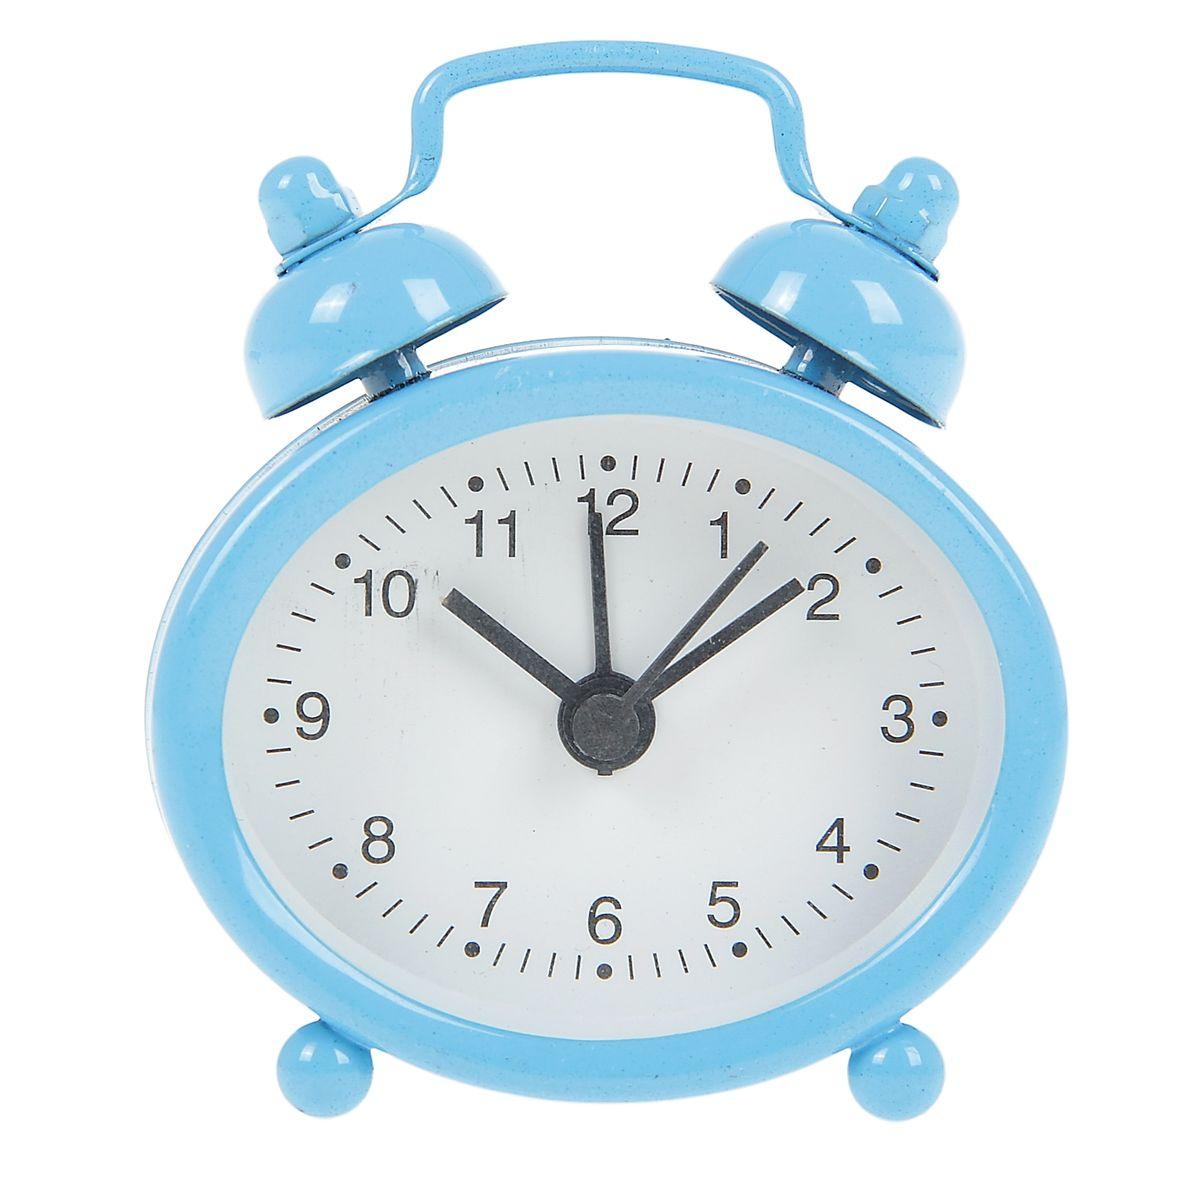 Часы-будильник Sima-land, цвет: голубой. 840947840947Как же сложно иногда вставать вовремя! Всегда так хочется поспать еще хотя бы 5 минут и бывает, что мы просыпаем. Теперь этого не случится! Яркий, оригинальный будильник Sima-land поможет вам всегда вставать в нужное время и успевать везде и всюду. Будильник украсит вашу комнату и приведет в восхищение друзей. Эта уменьшенная версия привычного будильника умещается на ладони и работает так же громко, как и привычные аналоги. Время показывает точно и будит в установленный час. На задней панели будильника расположены переключатель включения/выключения механизма, а также два колесика для настройки текущего времени и времени звонка будильника. Будильник работает от 1 батарейки типа LR44 (входит в комплект).